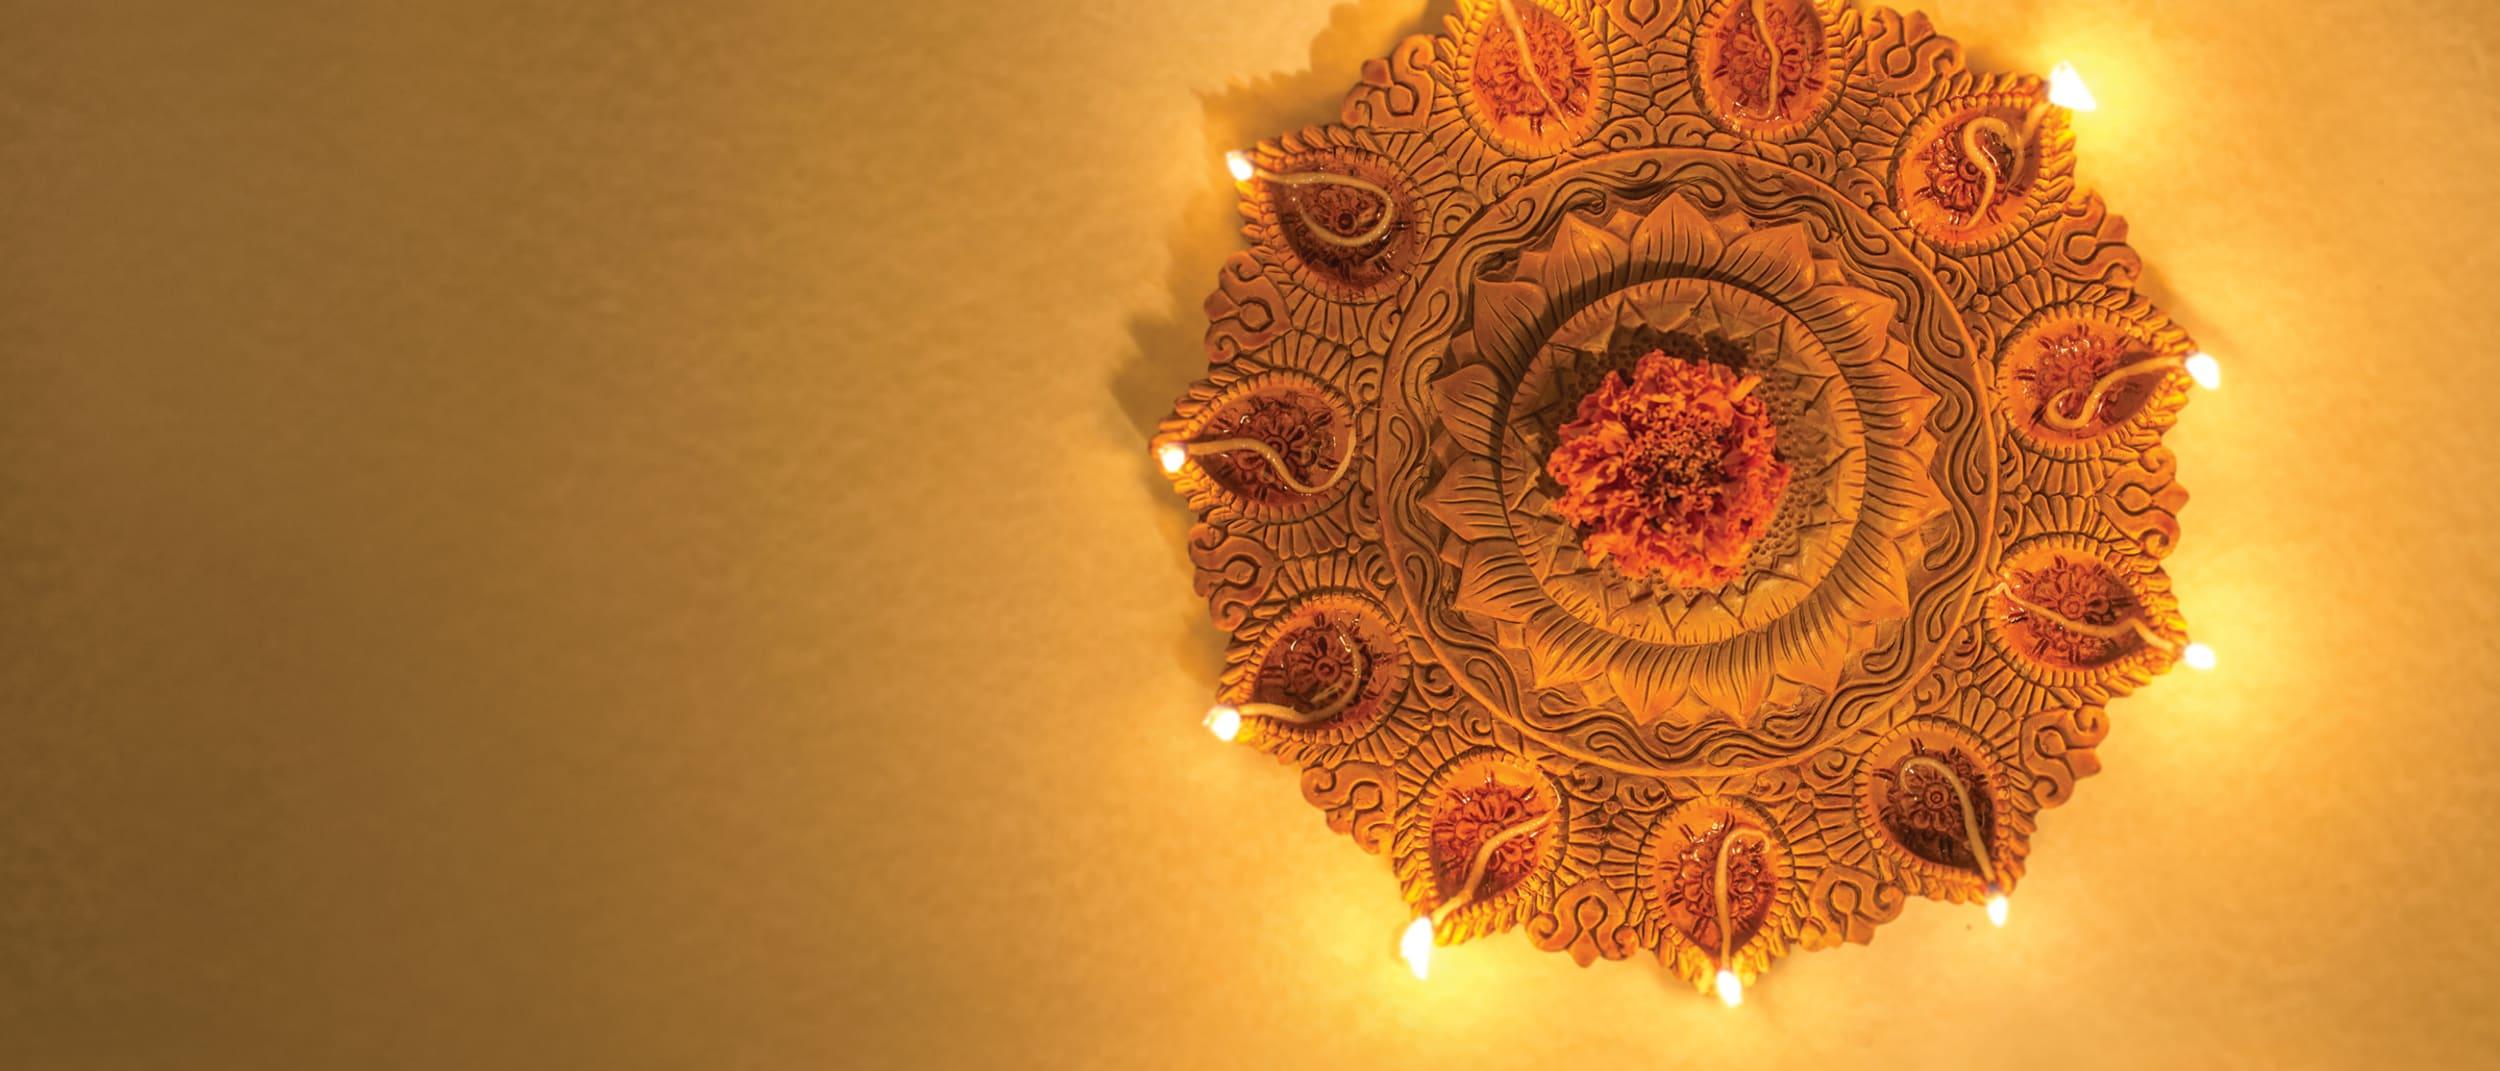 Let the Diwali celebrations begin